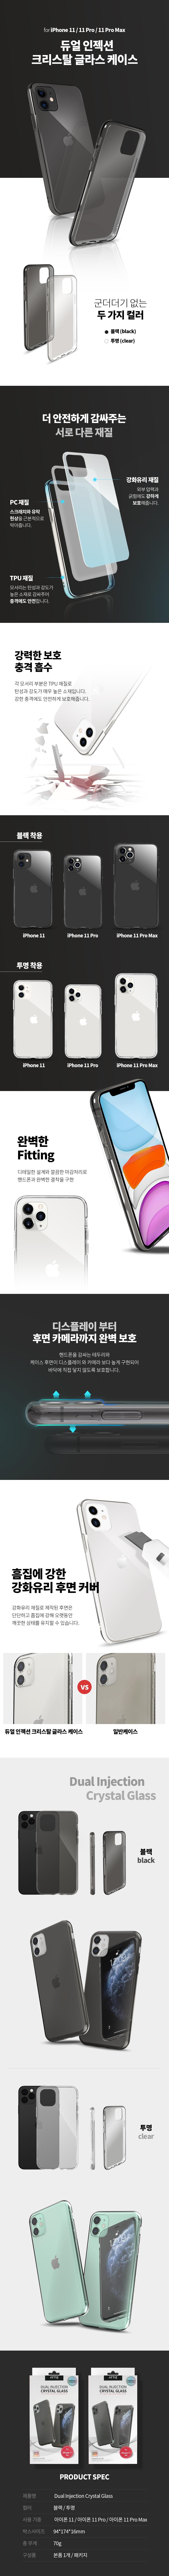 아이폰11 프로맥스 듀얼인젝션 강화유리 투명 케이스 - 타입원, 21,800원, 케이스, 아이폰 11 Pro MAX